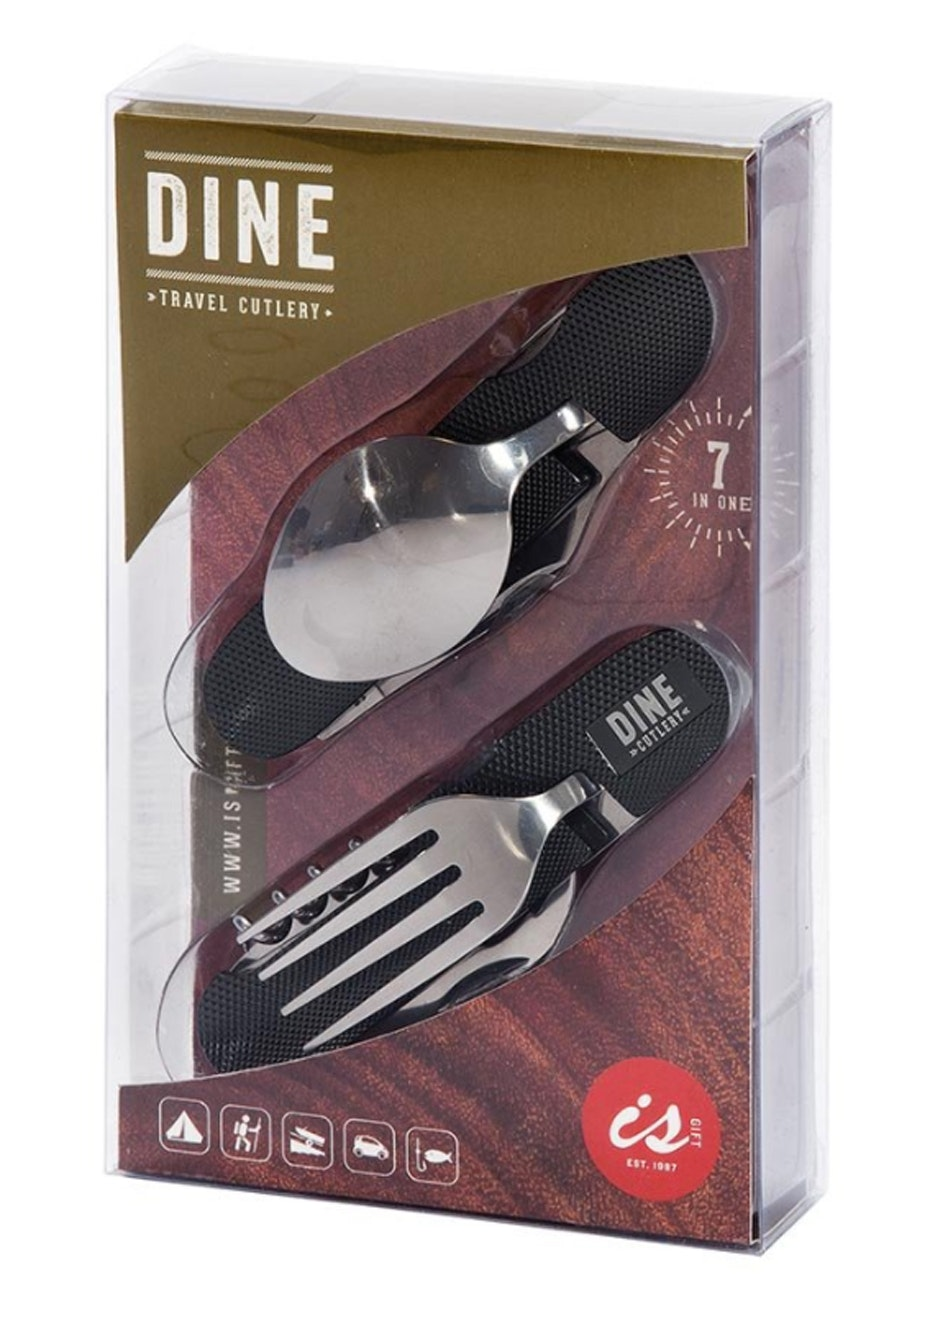 DINE Travel Cutlery - Dark Green